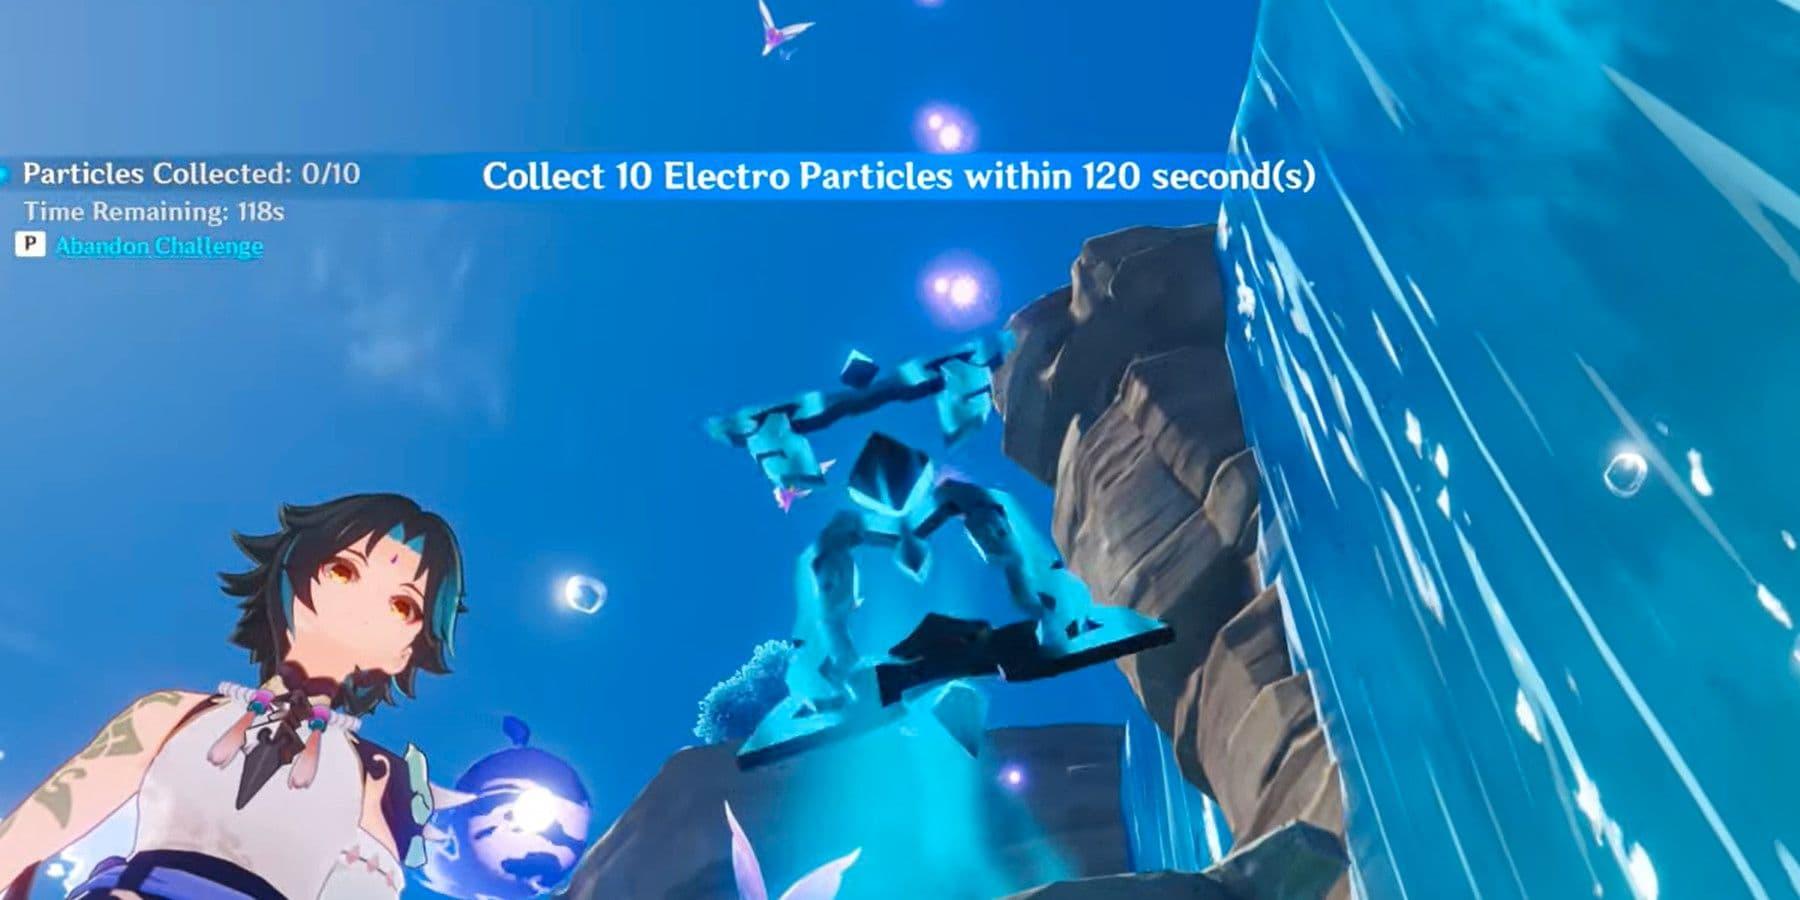 Cómo coger partículas electro en Genshin Impact   Kyaooo